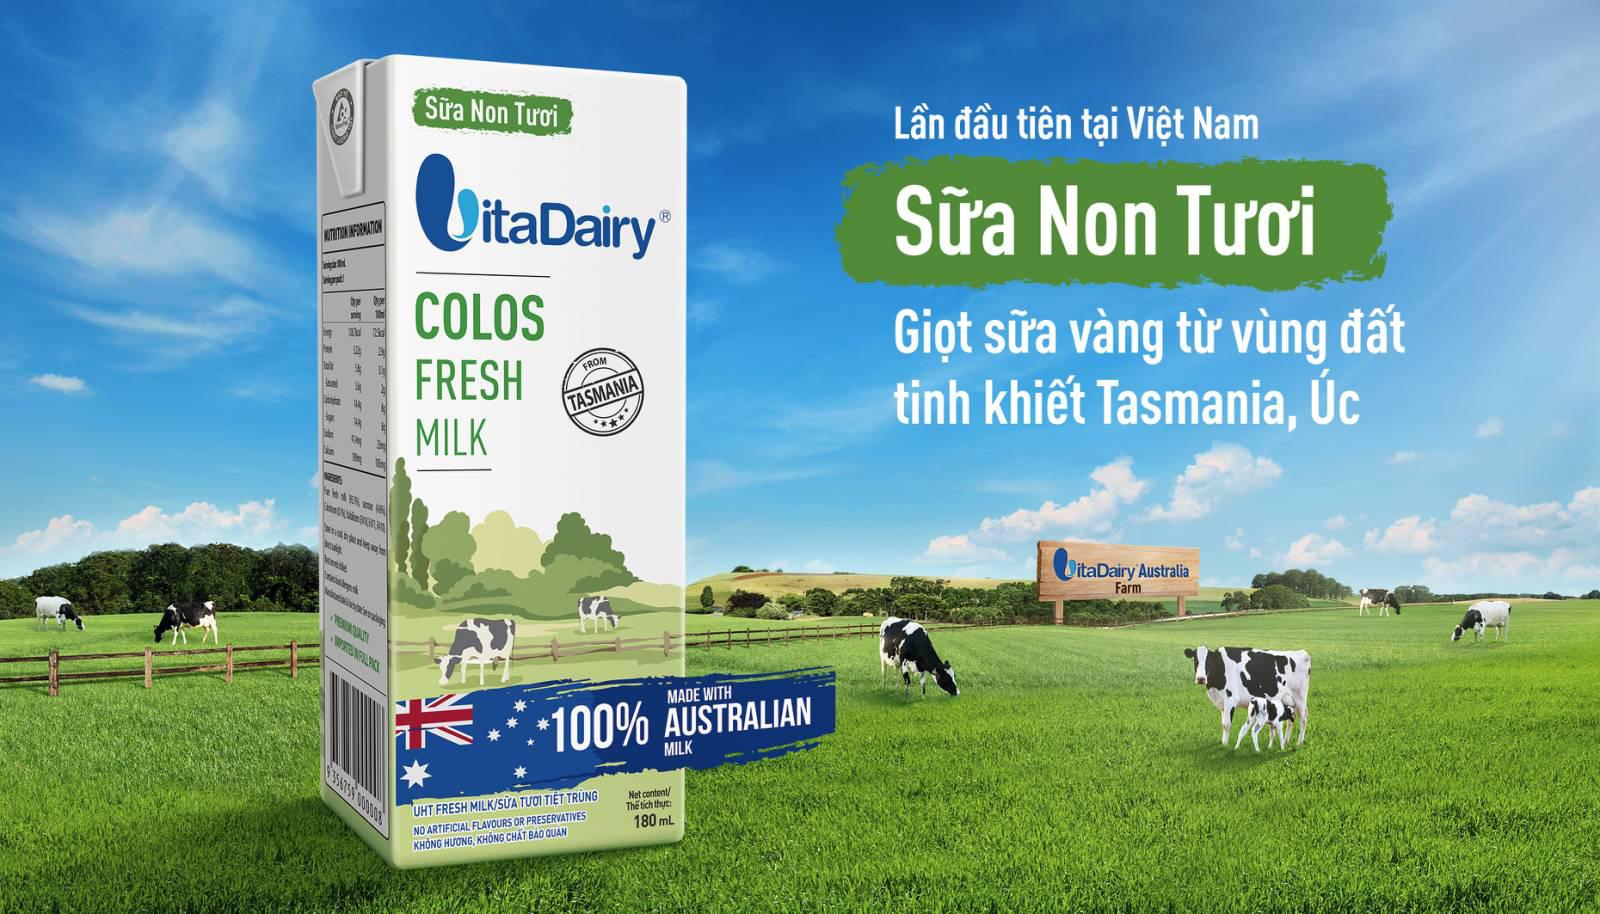 Mẹ Việt thông thái thời nay lựa chọn sữa non tươi nhập khẩu 100% Úc - Ảnh 1.